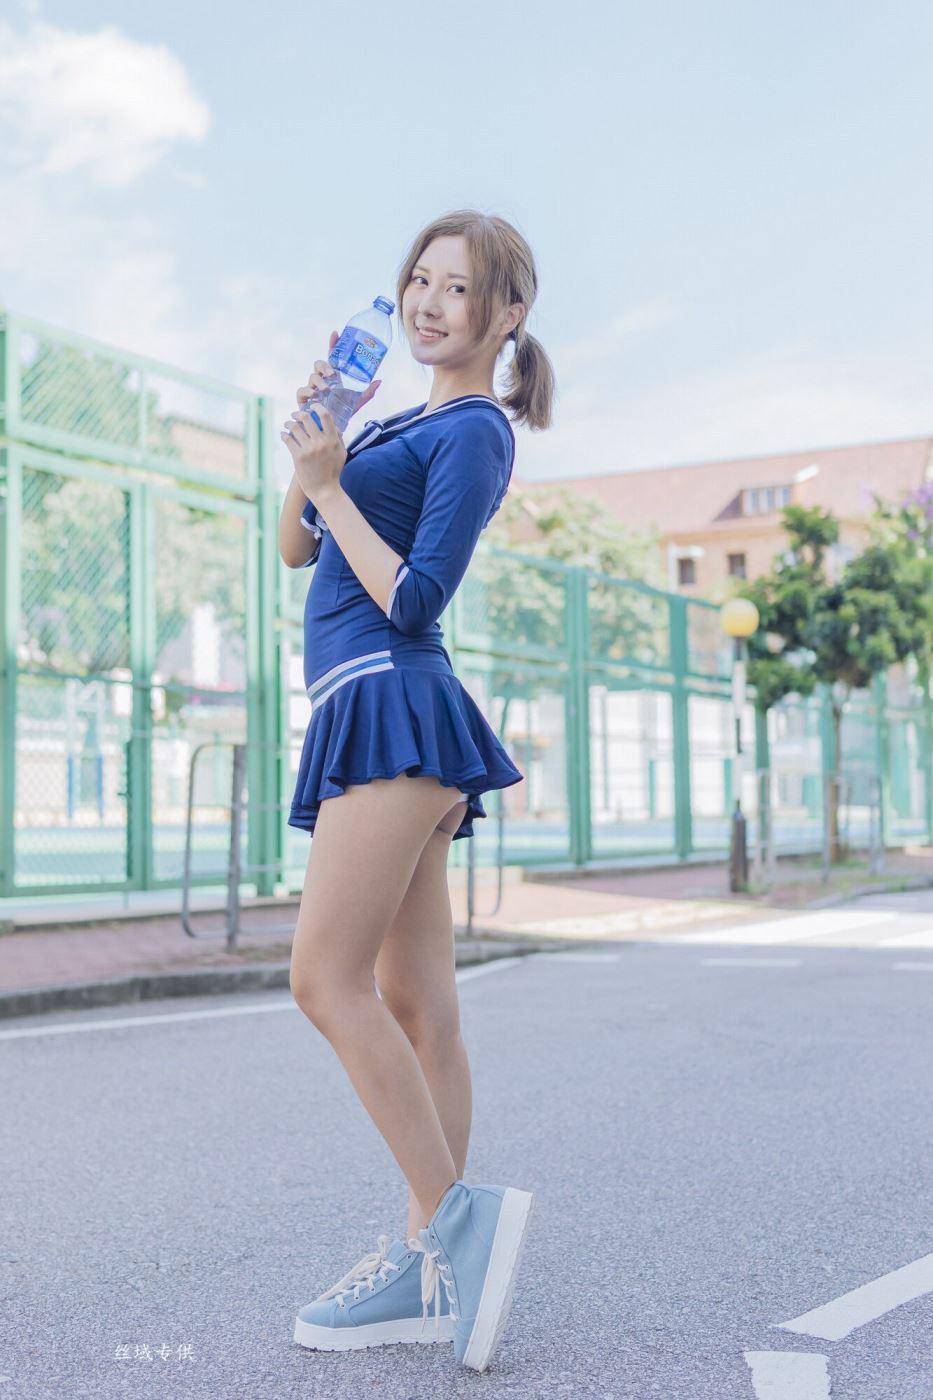 台湾女神清纯校花美女陈郁晴校服小清新唯美写真套图